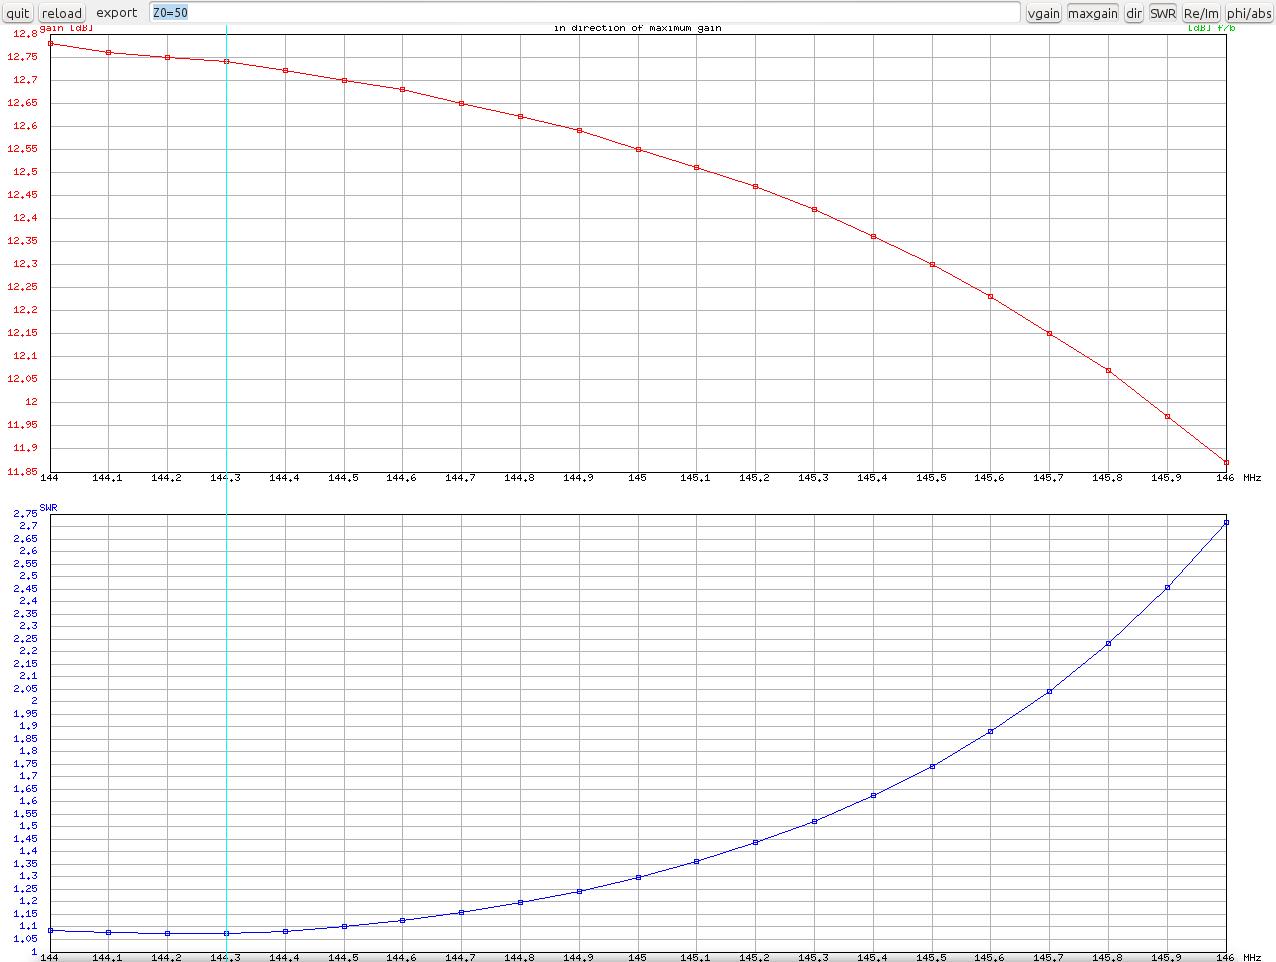 nec2/SatNOGS 6-element - Gain_SWR.png